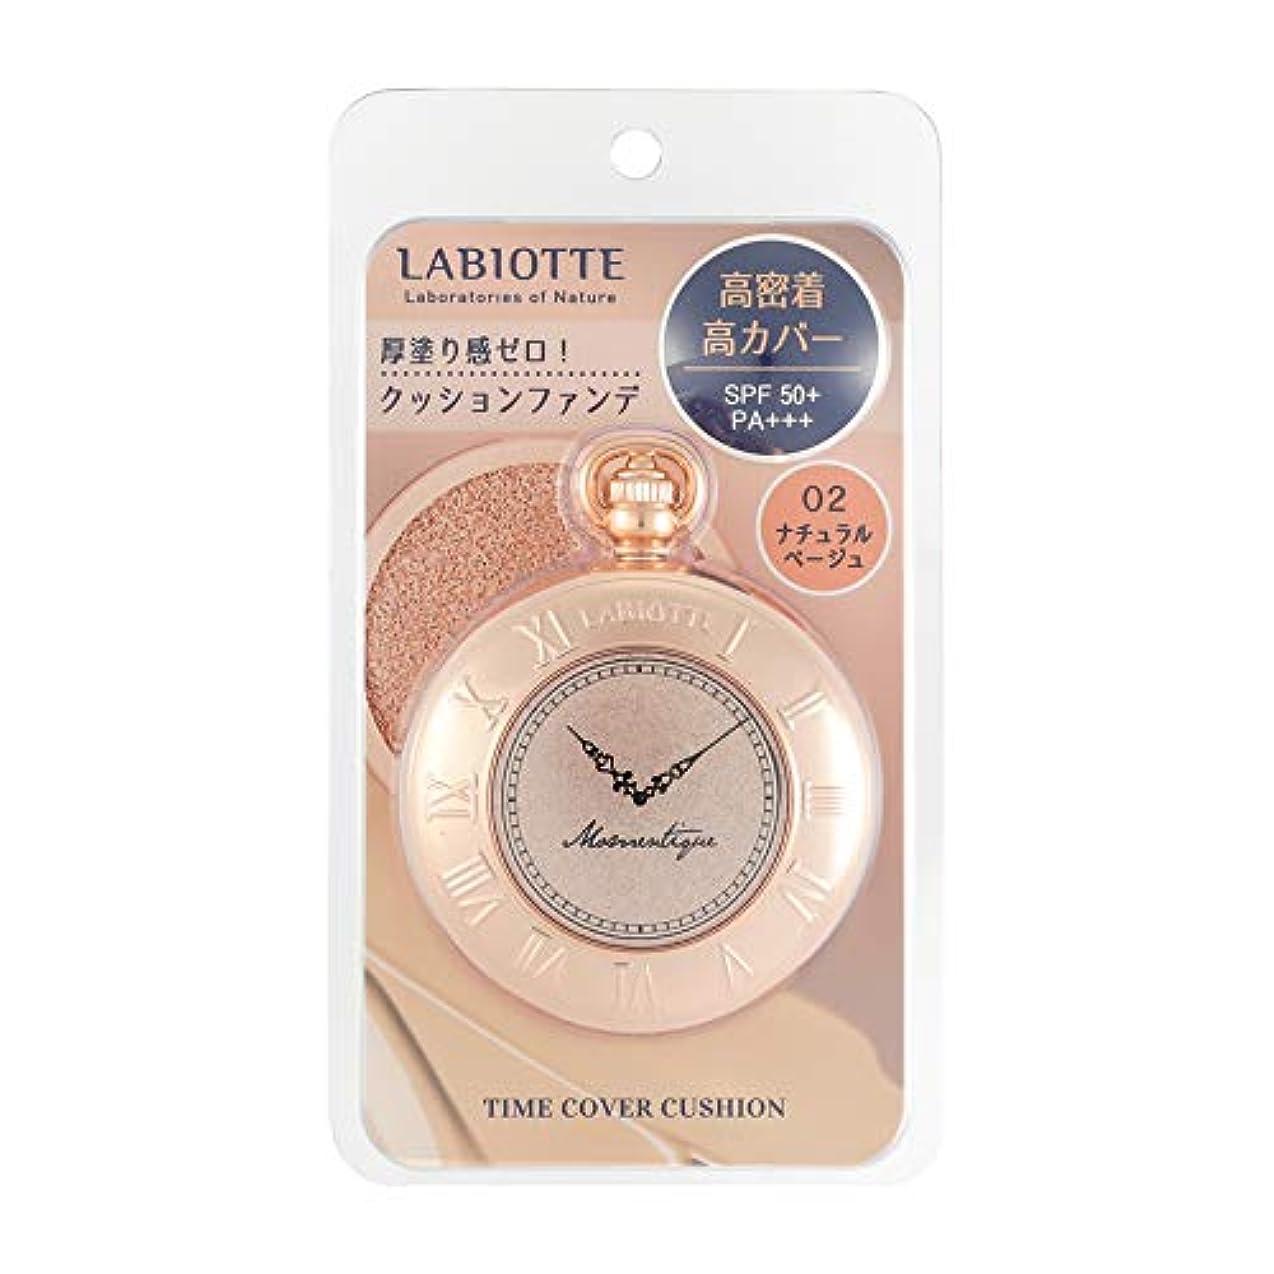 輝度産地散逸LABIOTTE(ラビオッテ) タイムカバークッションファンデ 02 ナチュラルベージュ (13g)